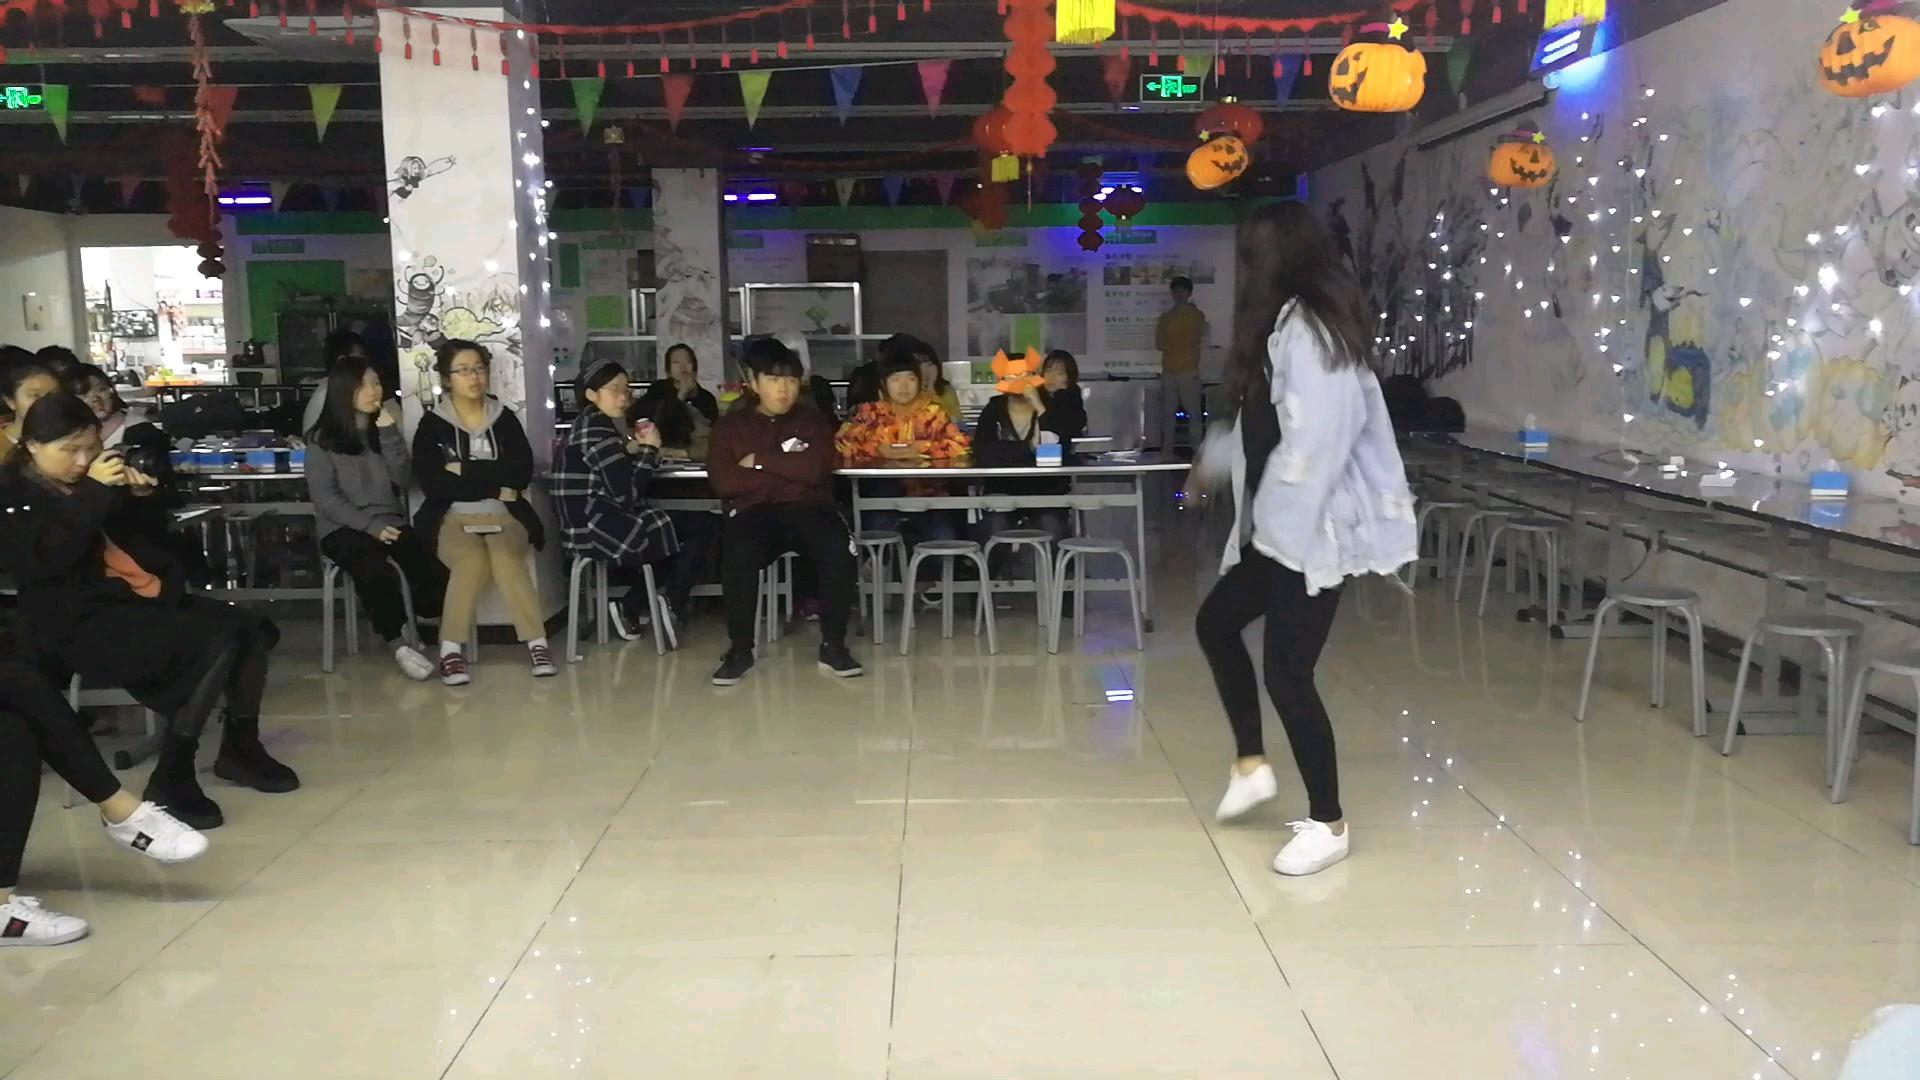 学动漫的孩子们多才多艺,好听的歌,好看的舞蹈,翟家班的晚会大家很开心,学习累了休息休息